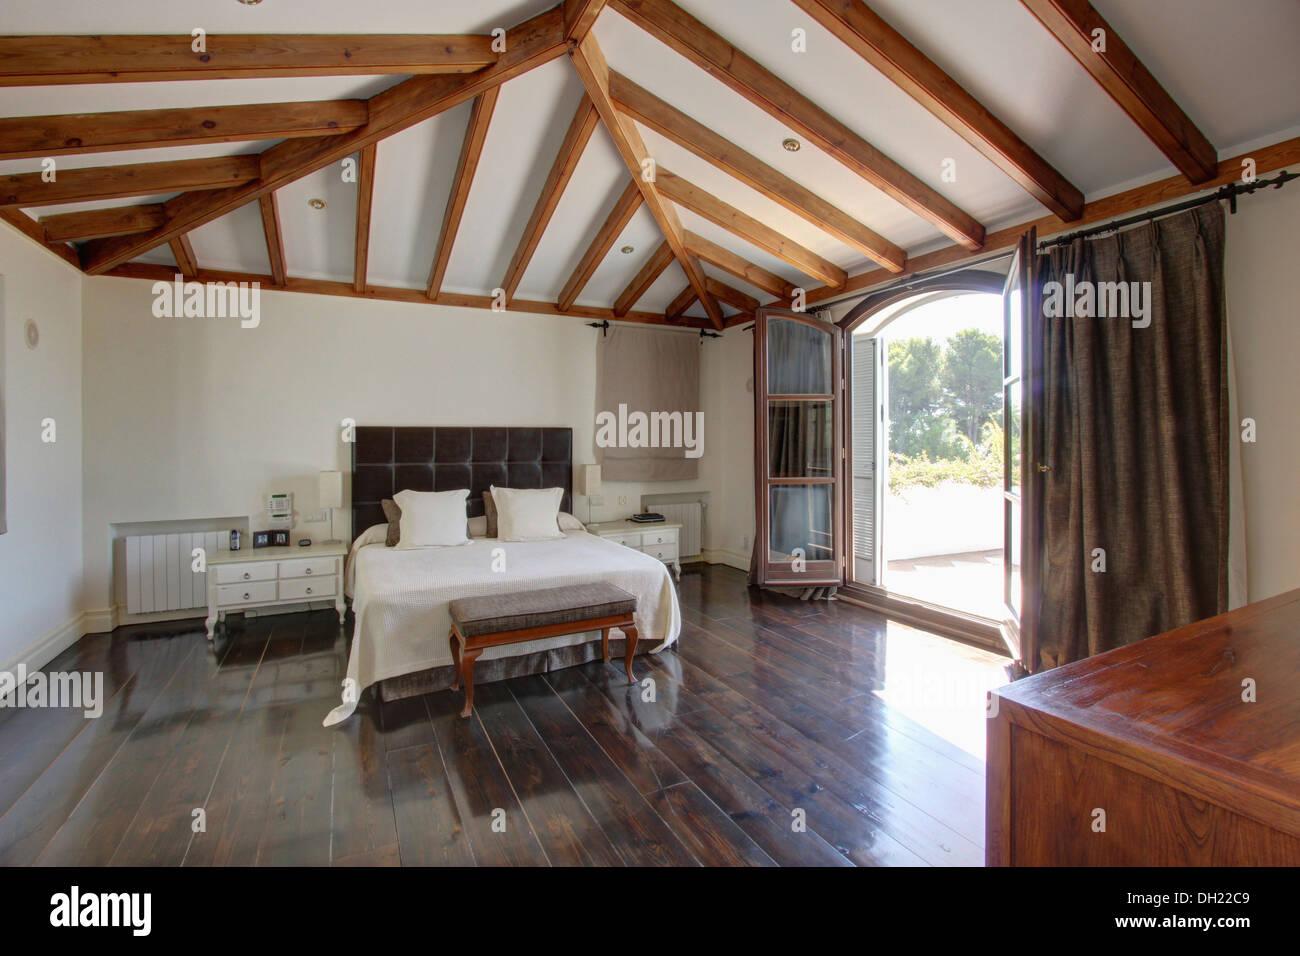 Les draps blancs sur lit rembourr en espagnol avec poutres apparentes chambre avec du parquet